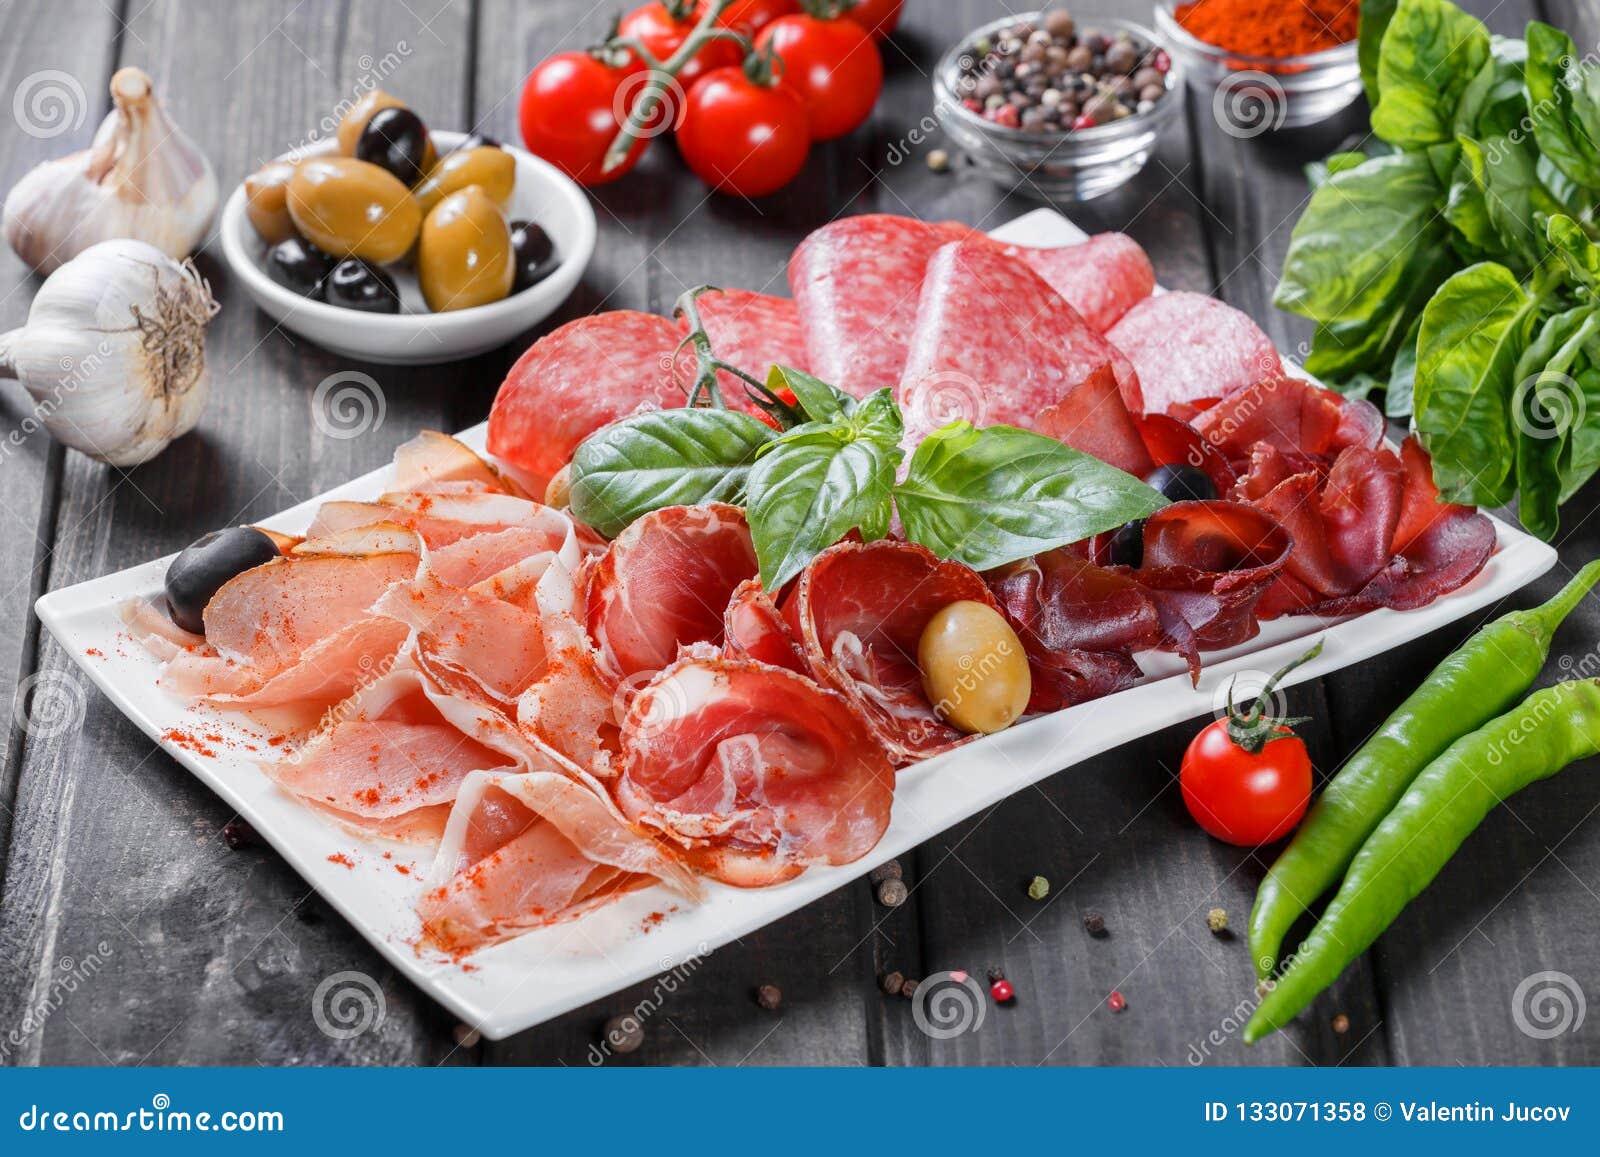 Koude die het vleesplaat van de Antipastoschotel met prosciutto, plakkenham, salami, met basilicum en olijf wordt verfraaid